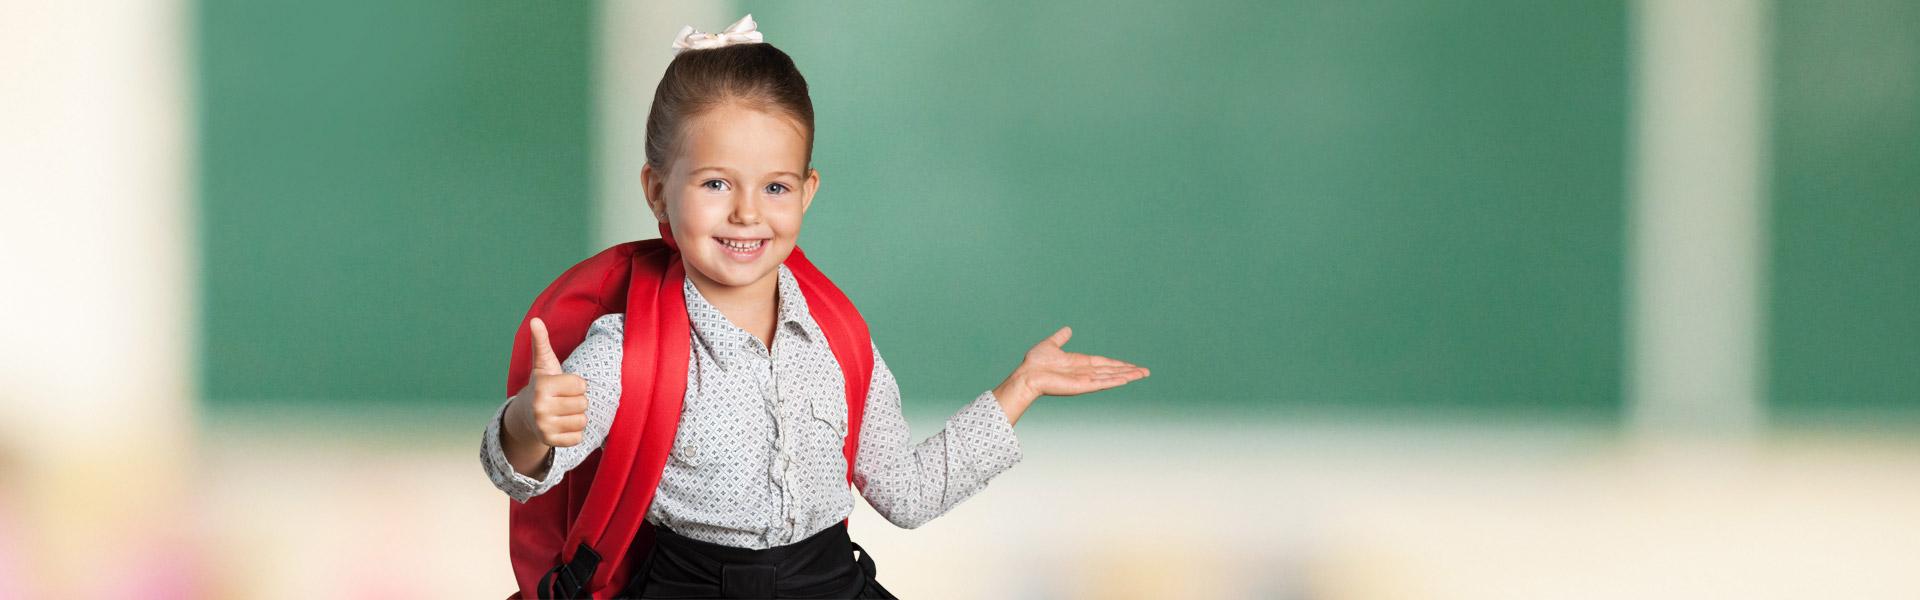 Indywidualne ubezpieczenie poza szkolne